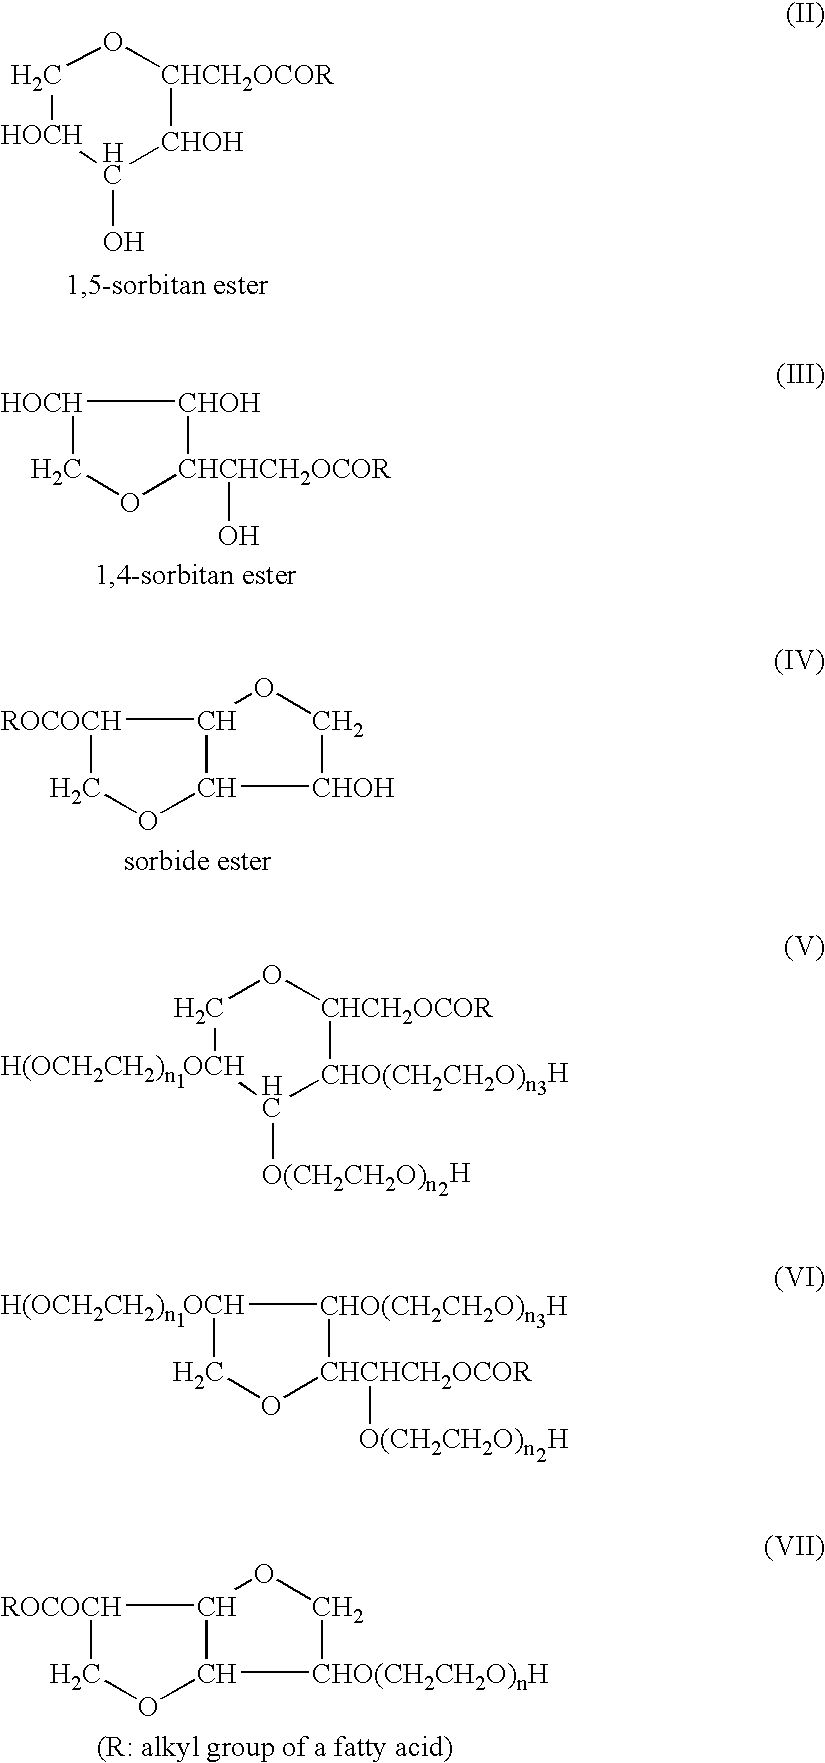 Figure US20060012657A1-20060119-C00031